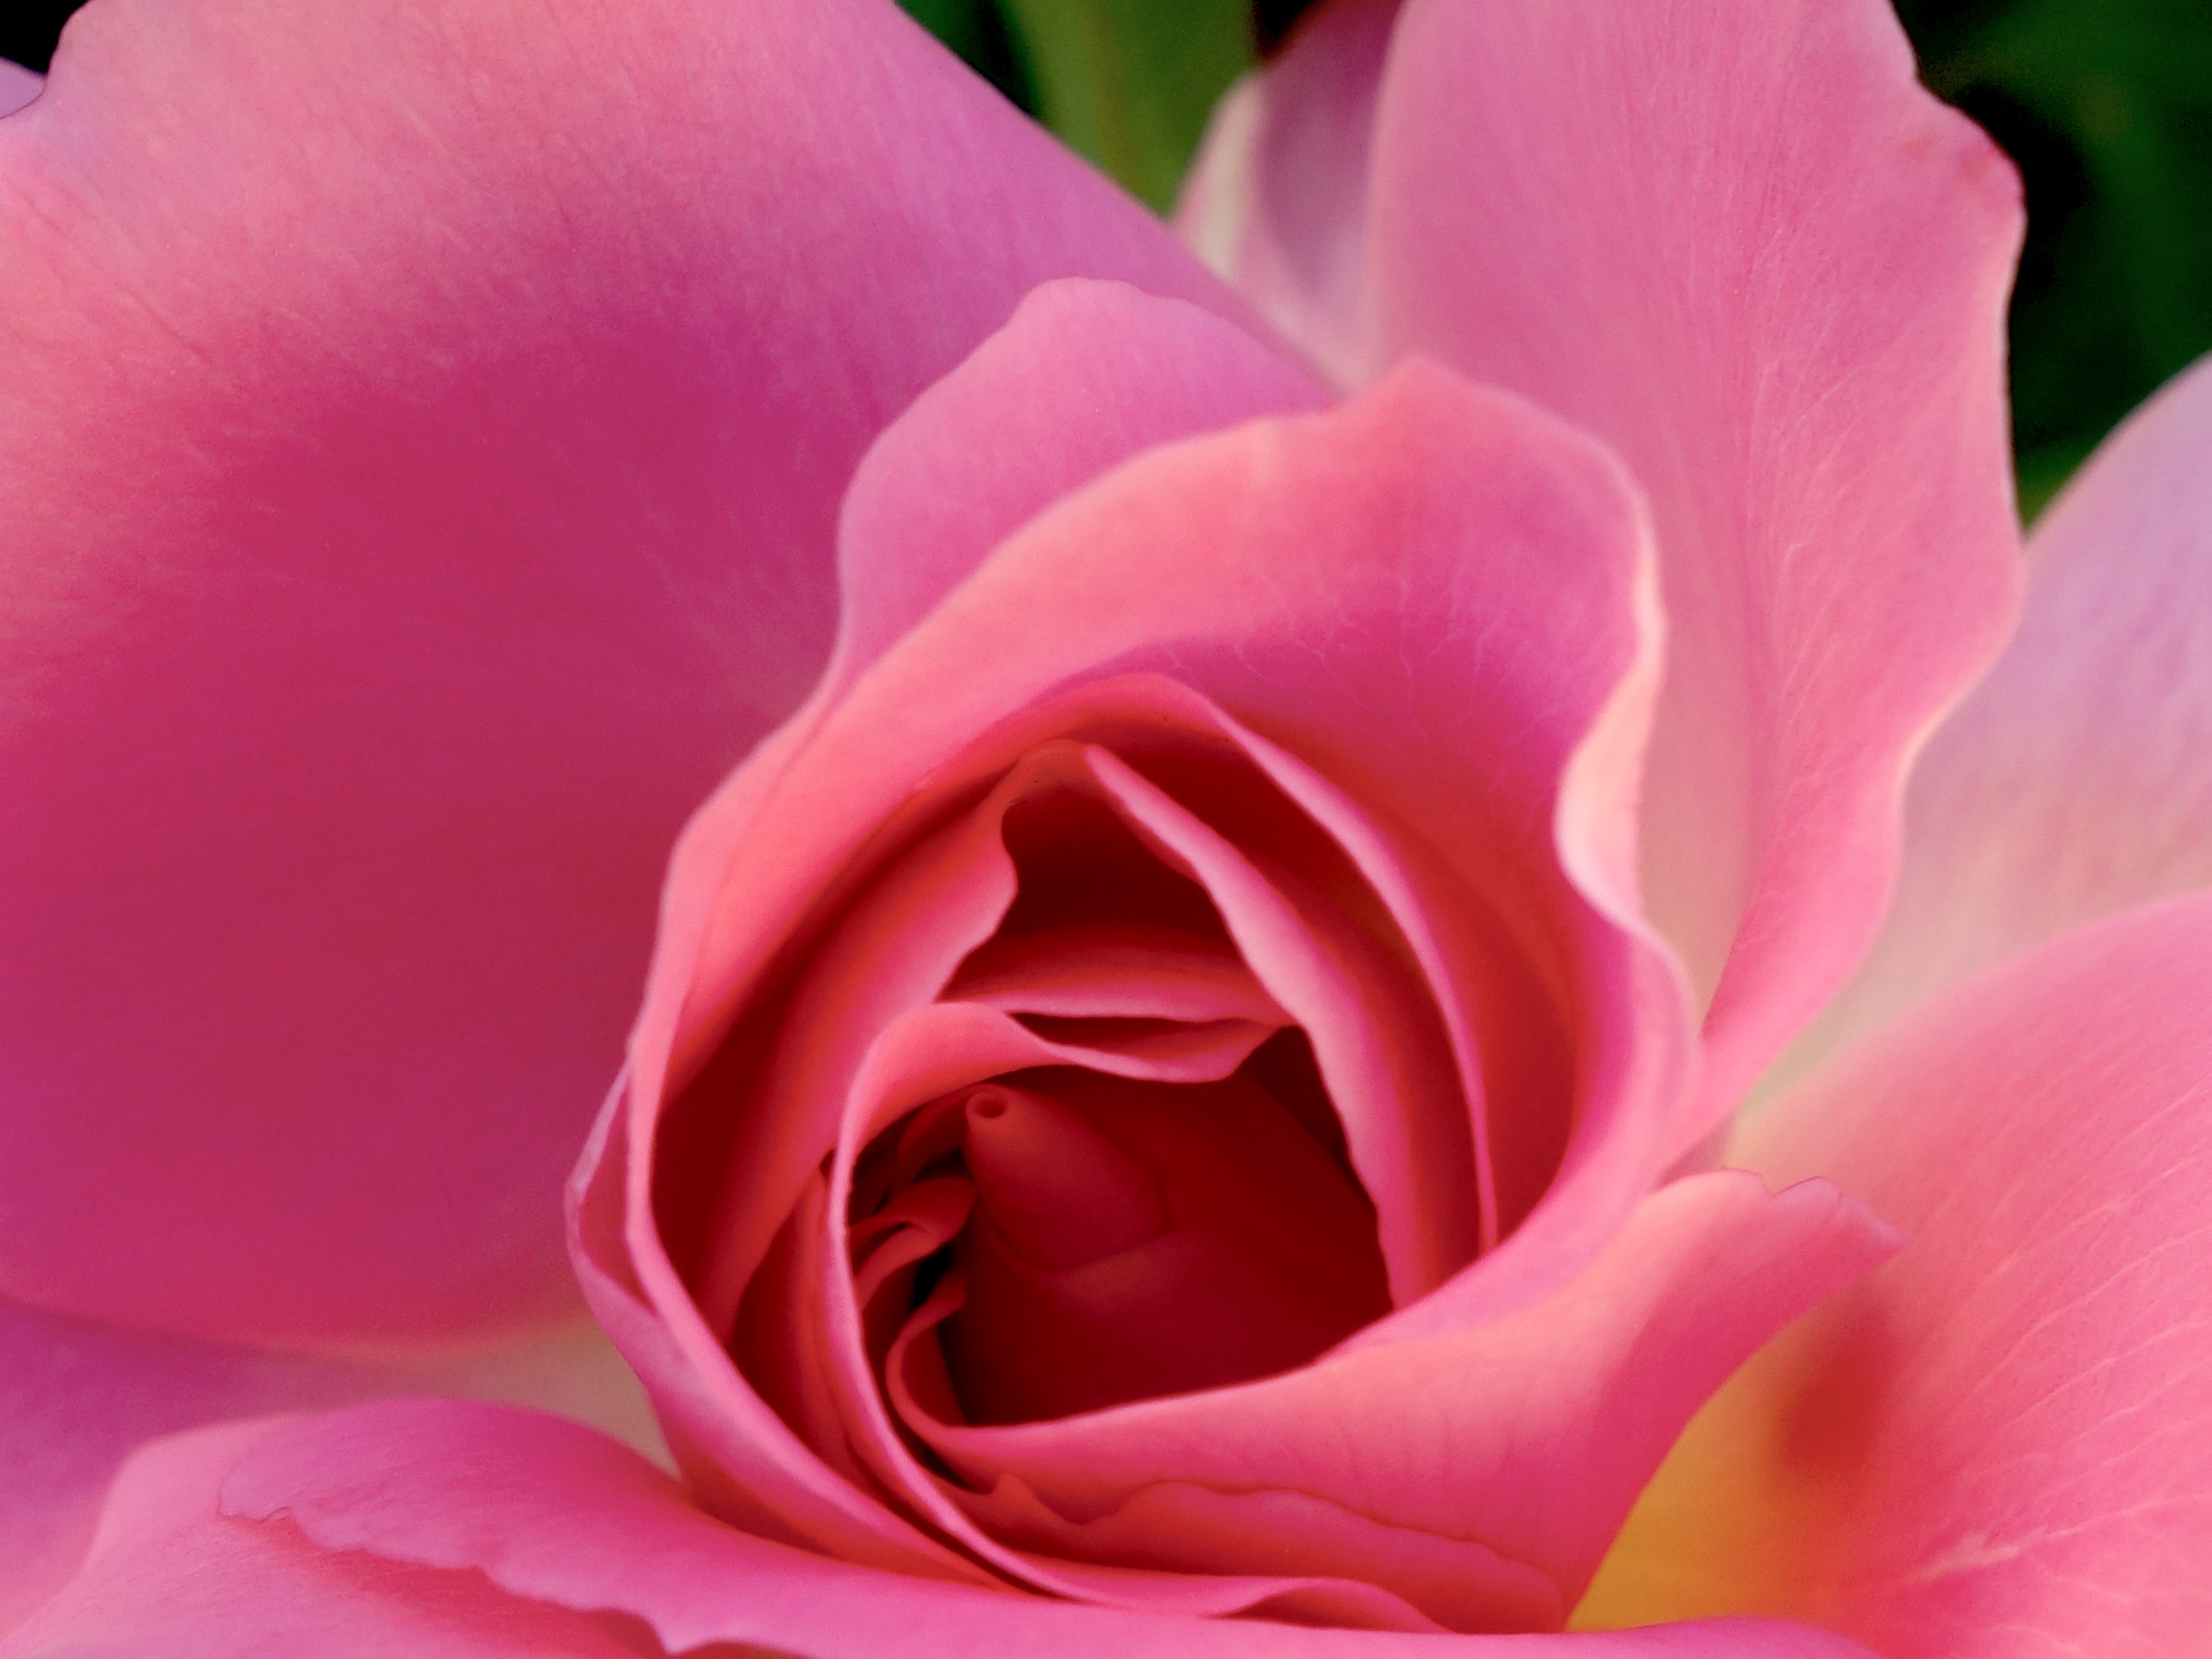 rose 5 © KIM JONKER